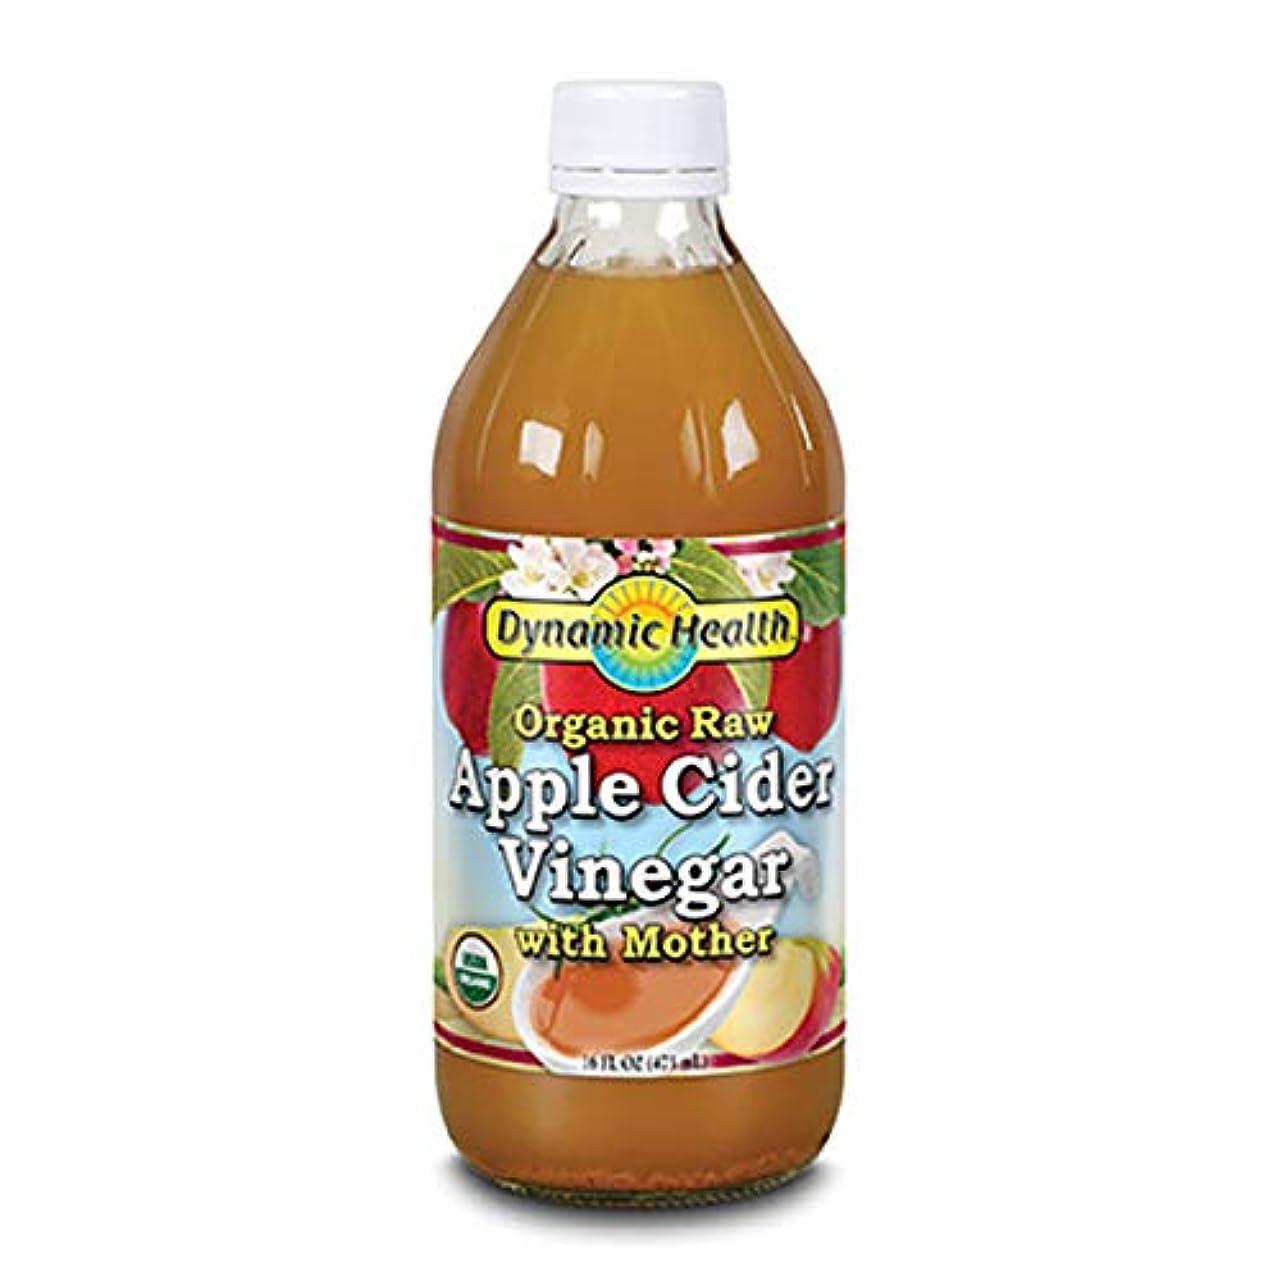 パーティータブレット実現可能Dynamic Health Organic Raw Apple Cider Vinegar With Mother  16 oz (473ml) [並行輸入品]